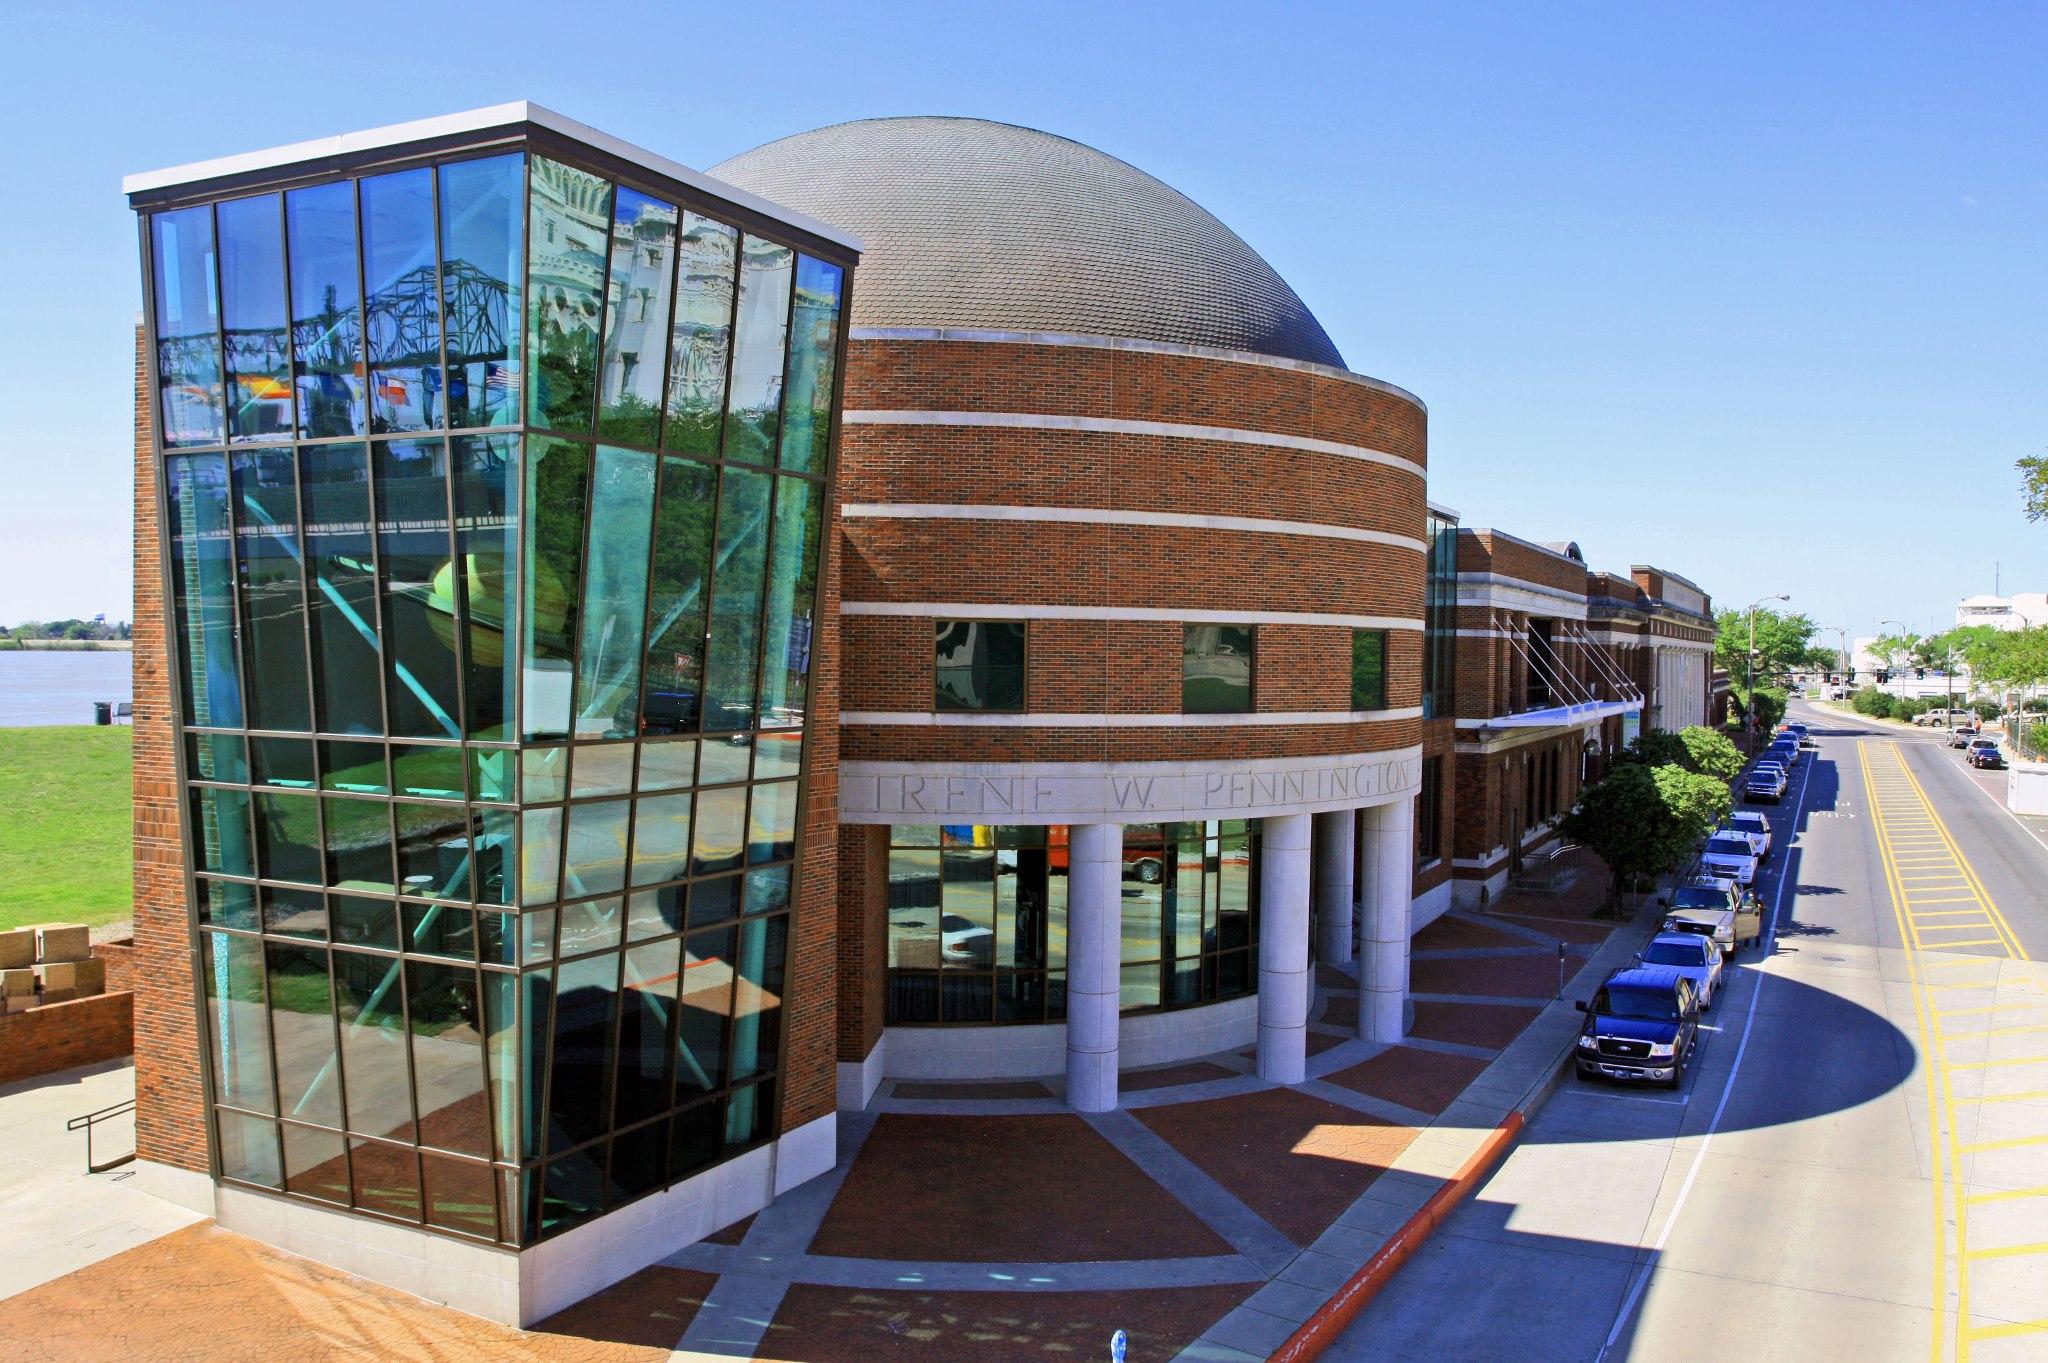 Largest Planetarium it is The Largest Planetarium